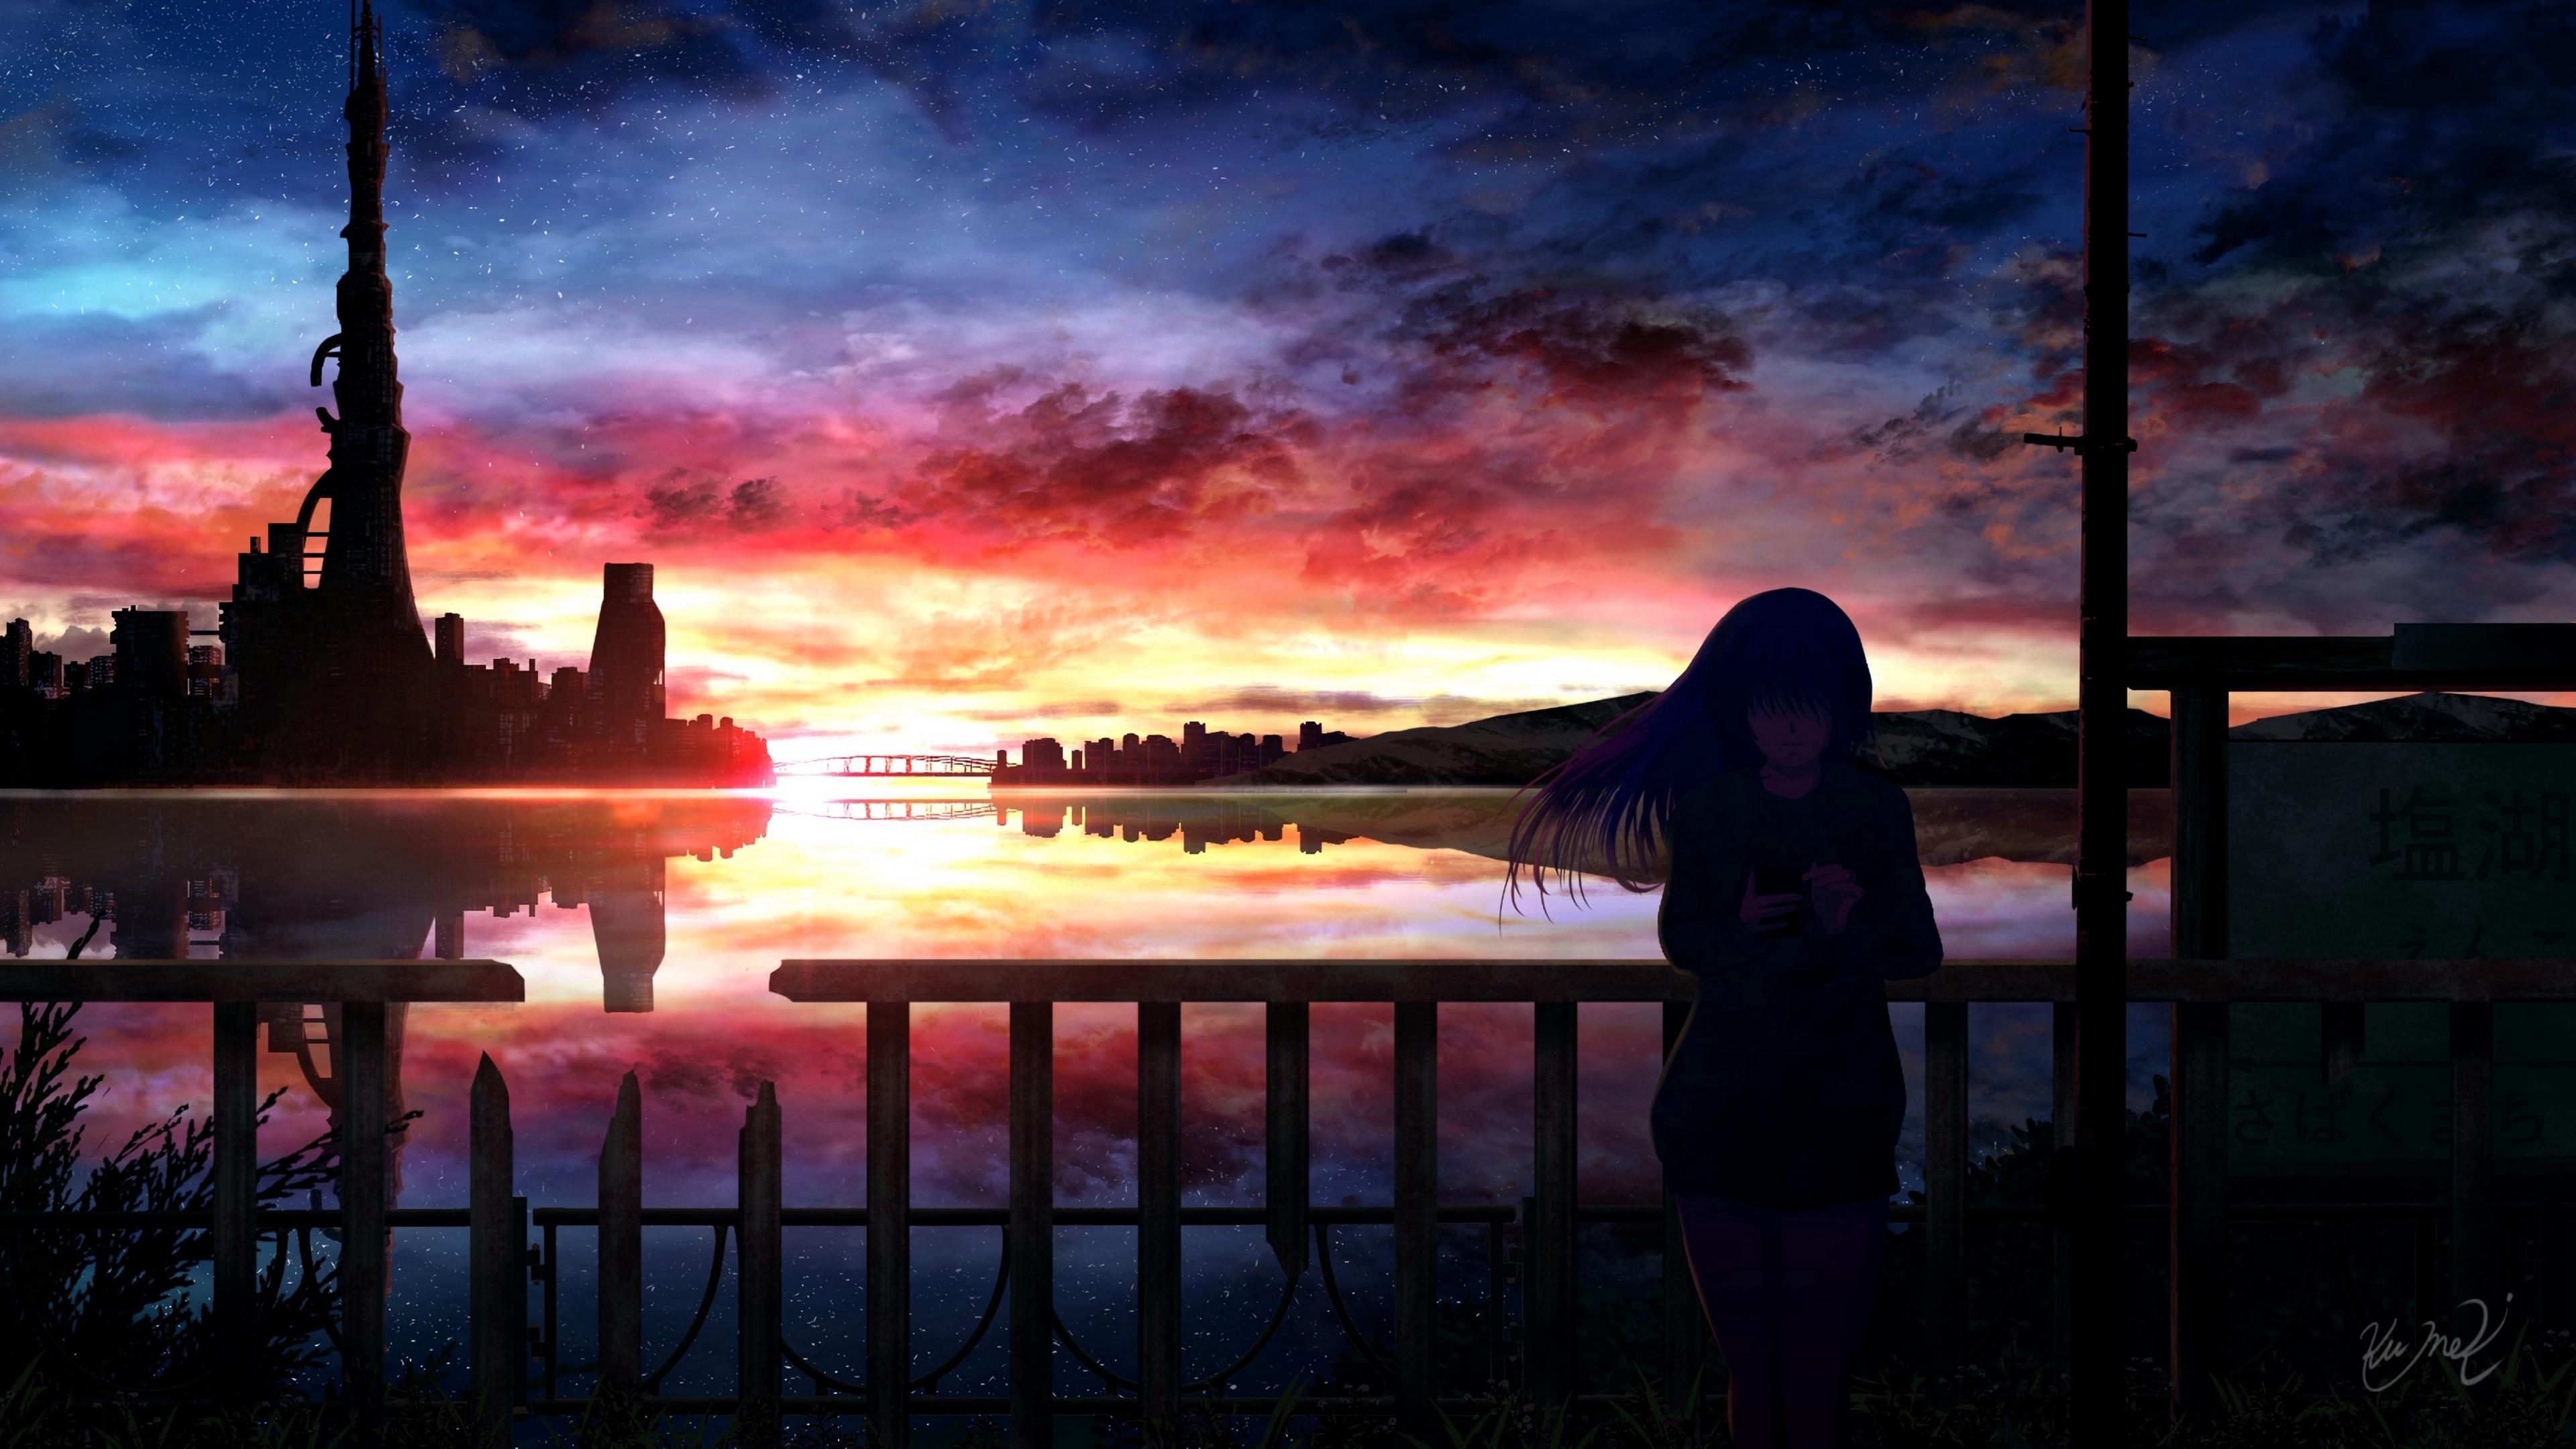 3840x2160 Anime Girl In Sunset 4K Wallpaper, HD Anime 4K ...